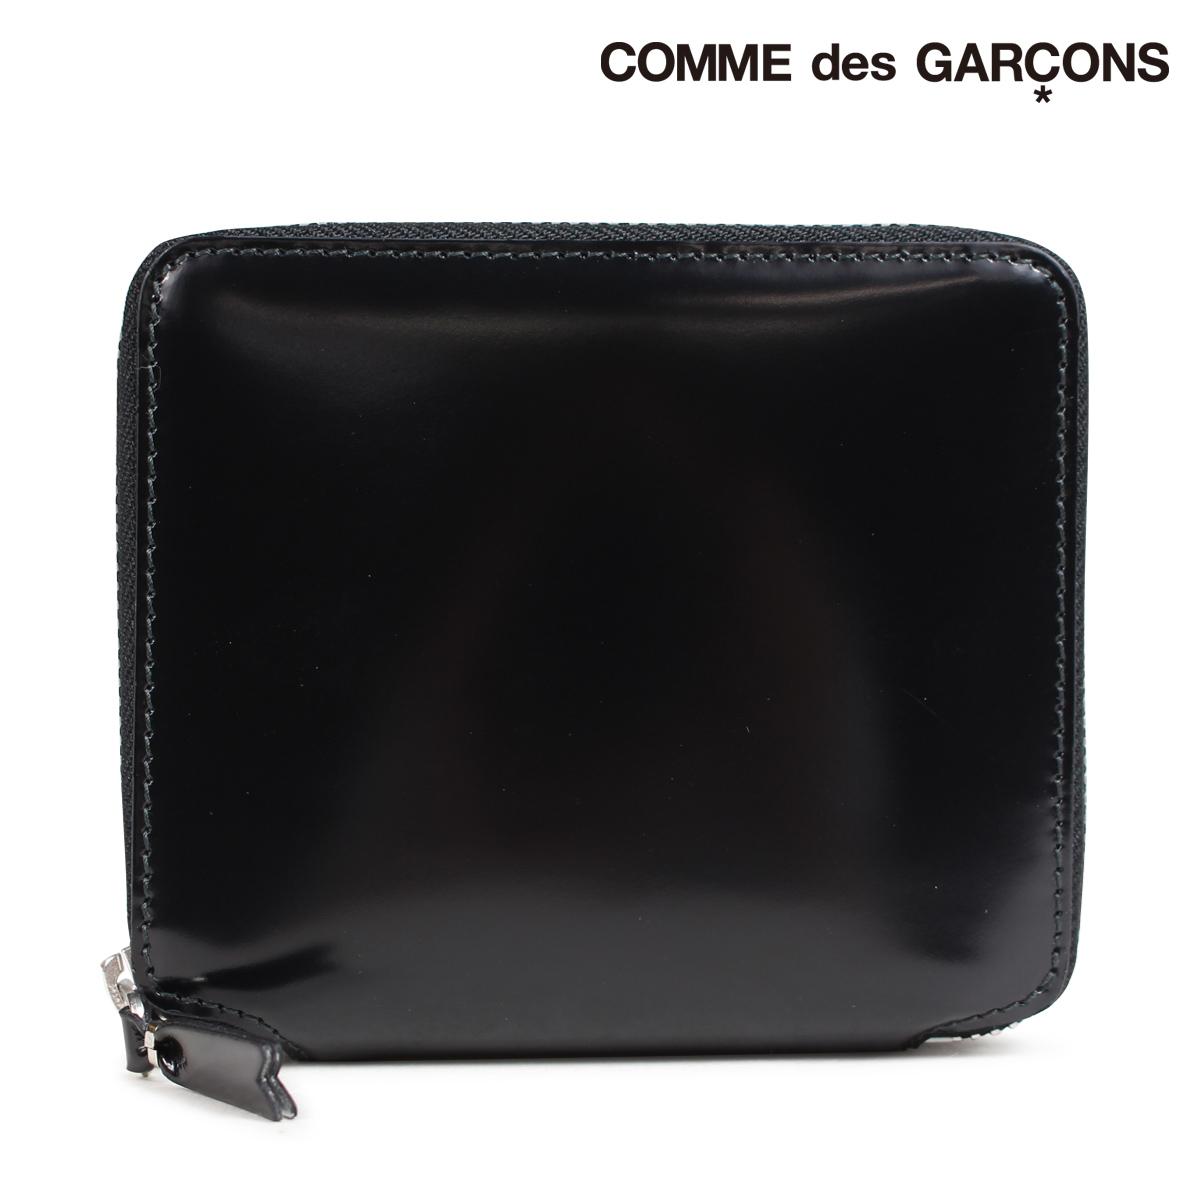 コムデギャルソン COMME des GARCONS 財布 二つ折り メンズ レディース ラウンドファスナー ブラック 黒 SA2100MIrCxshQdt